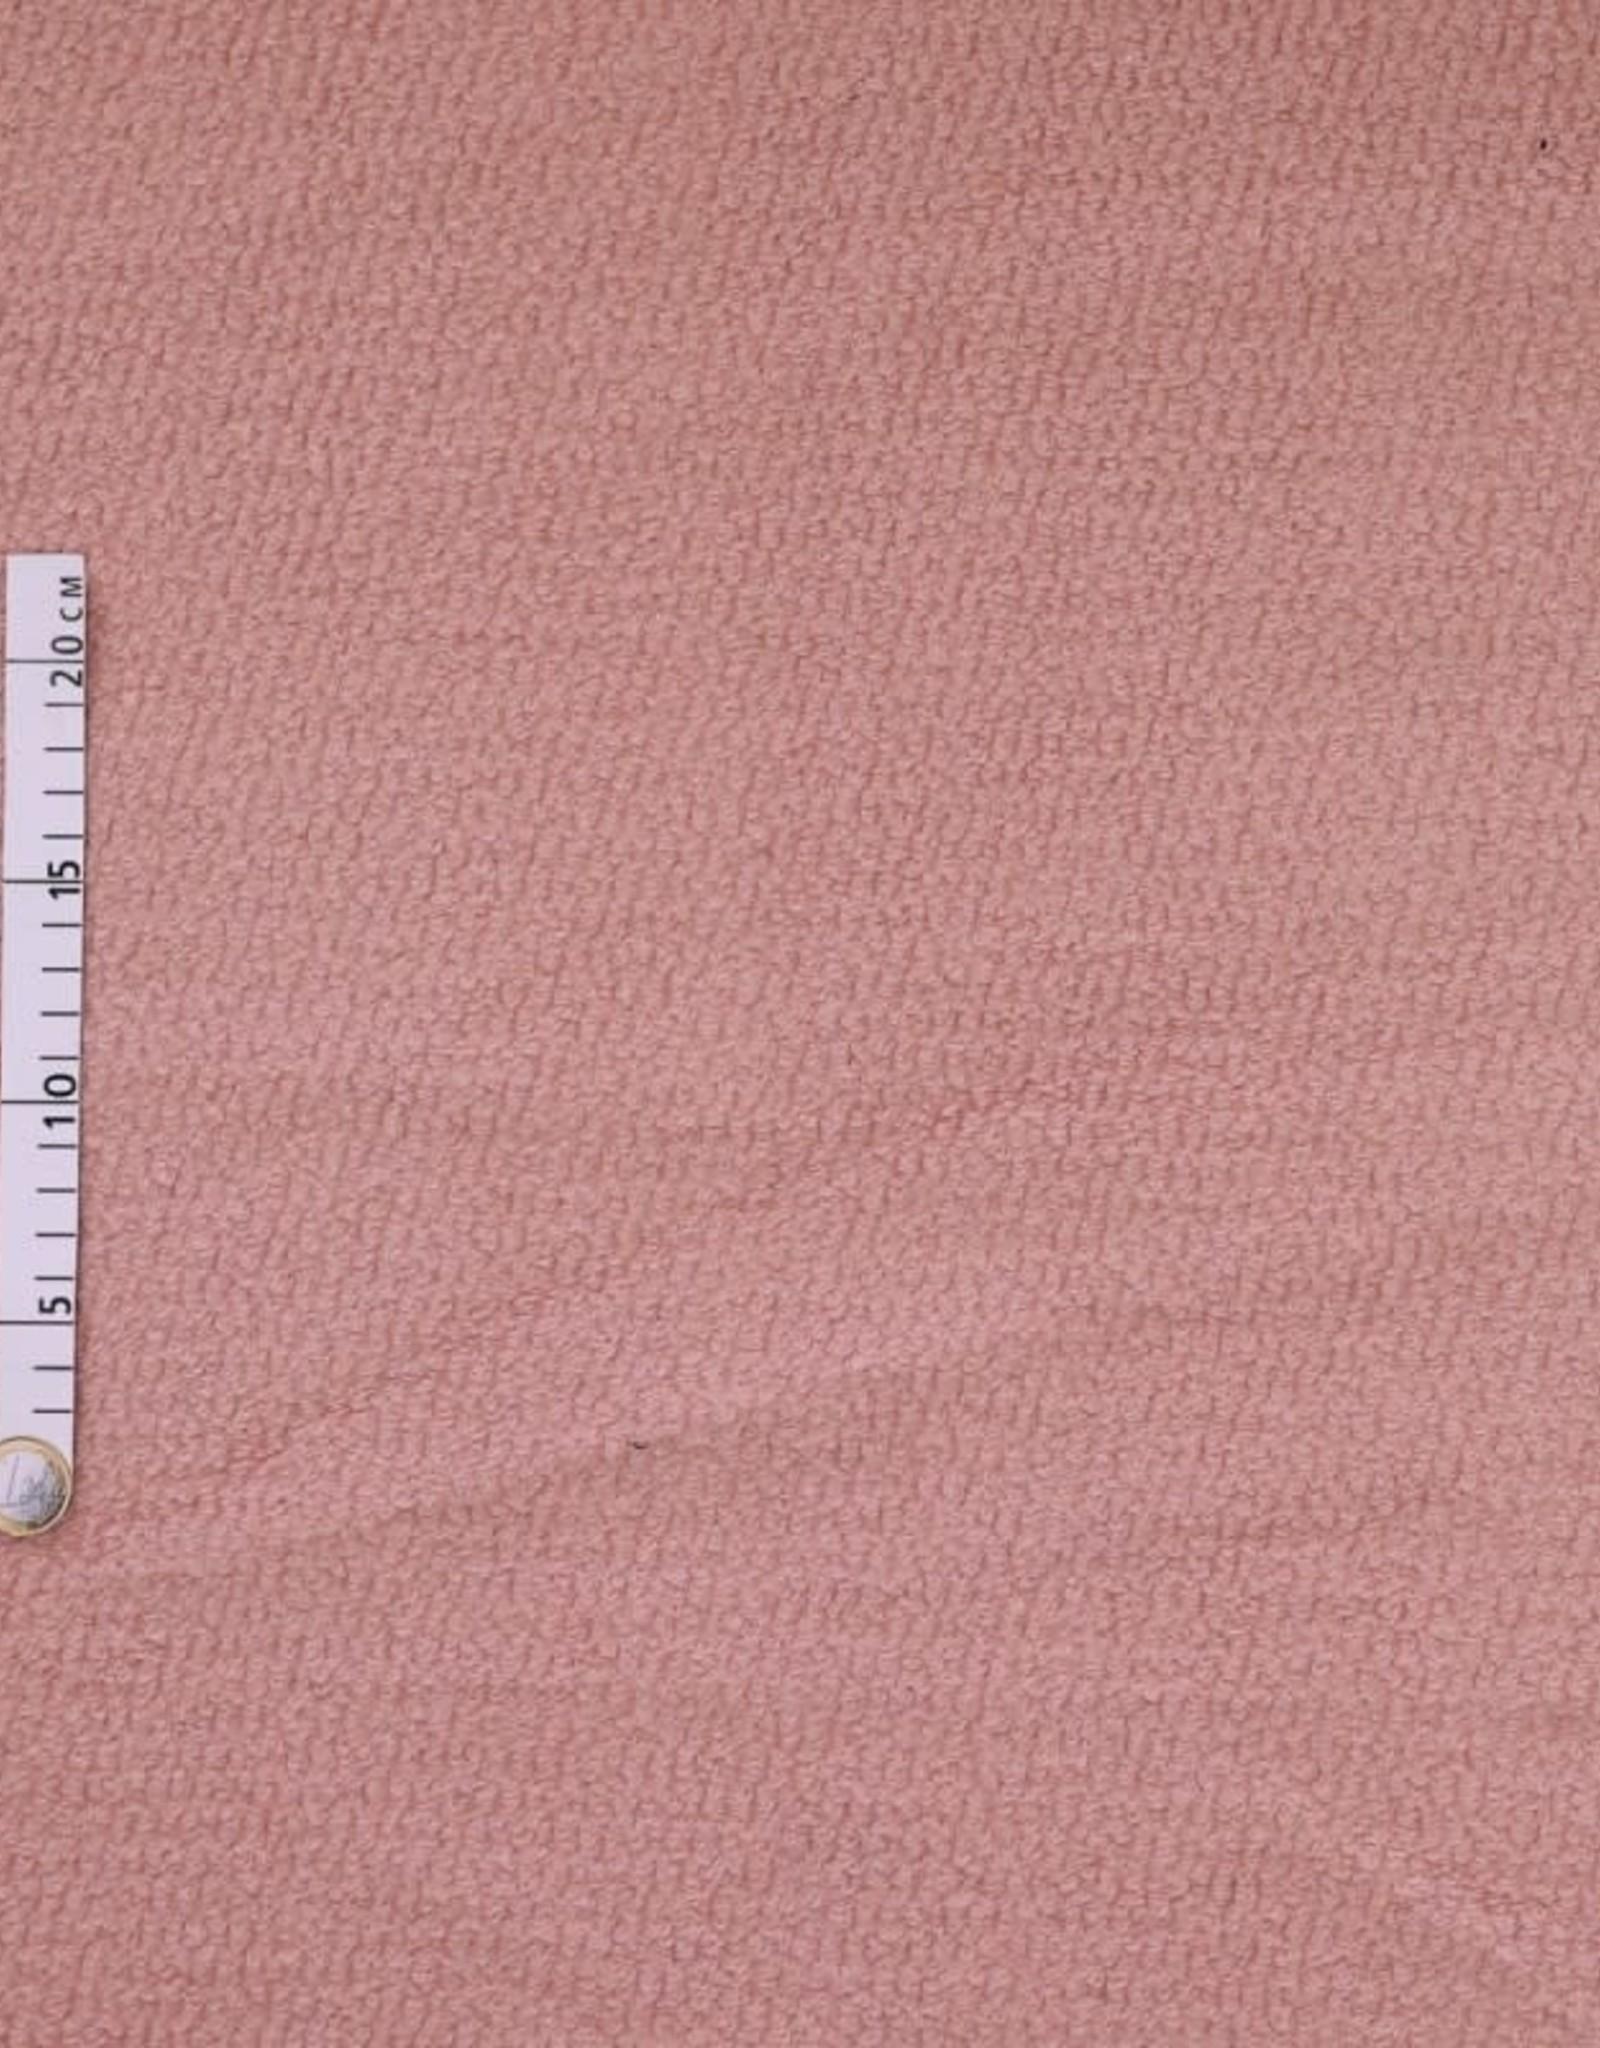 Woven sheepskin peachskin